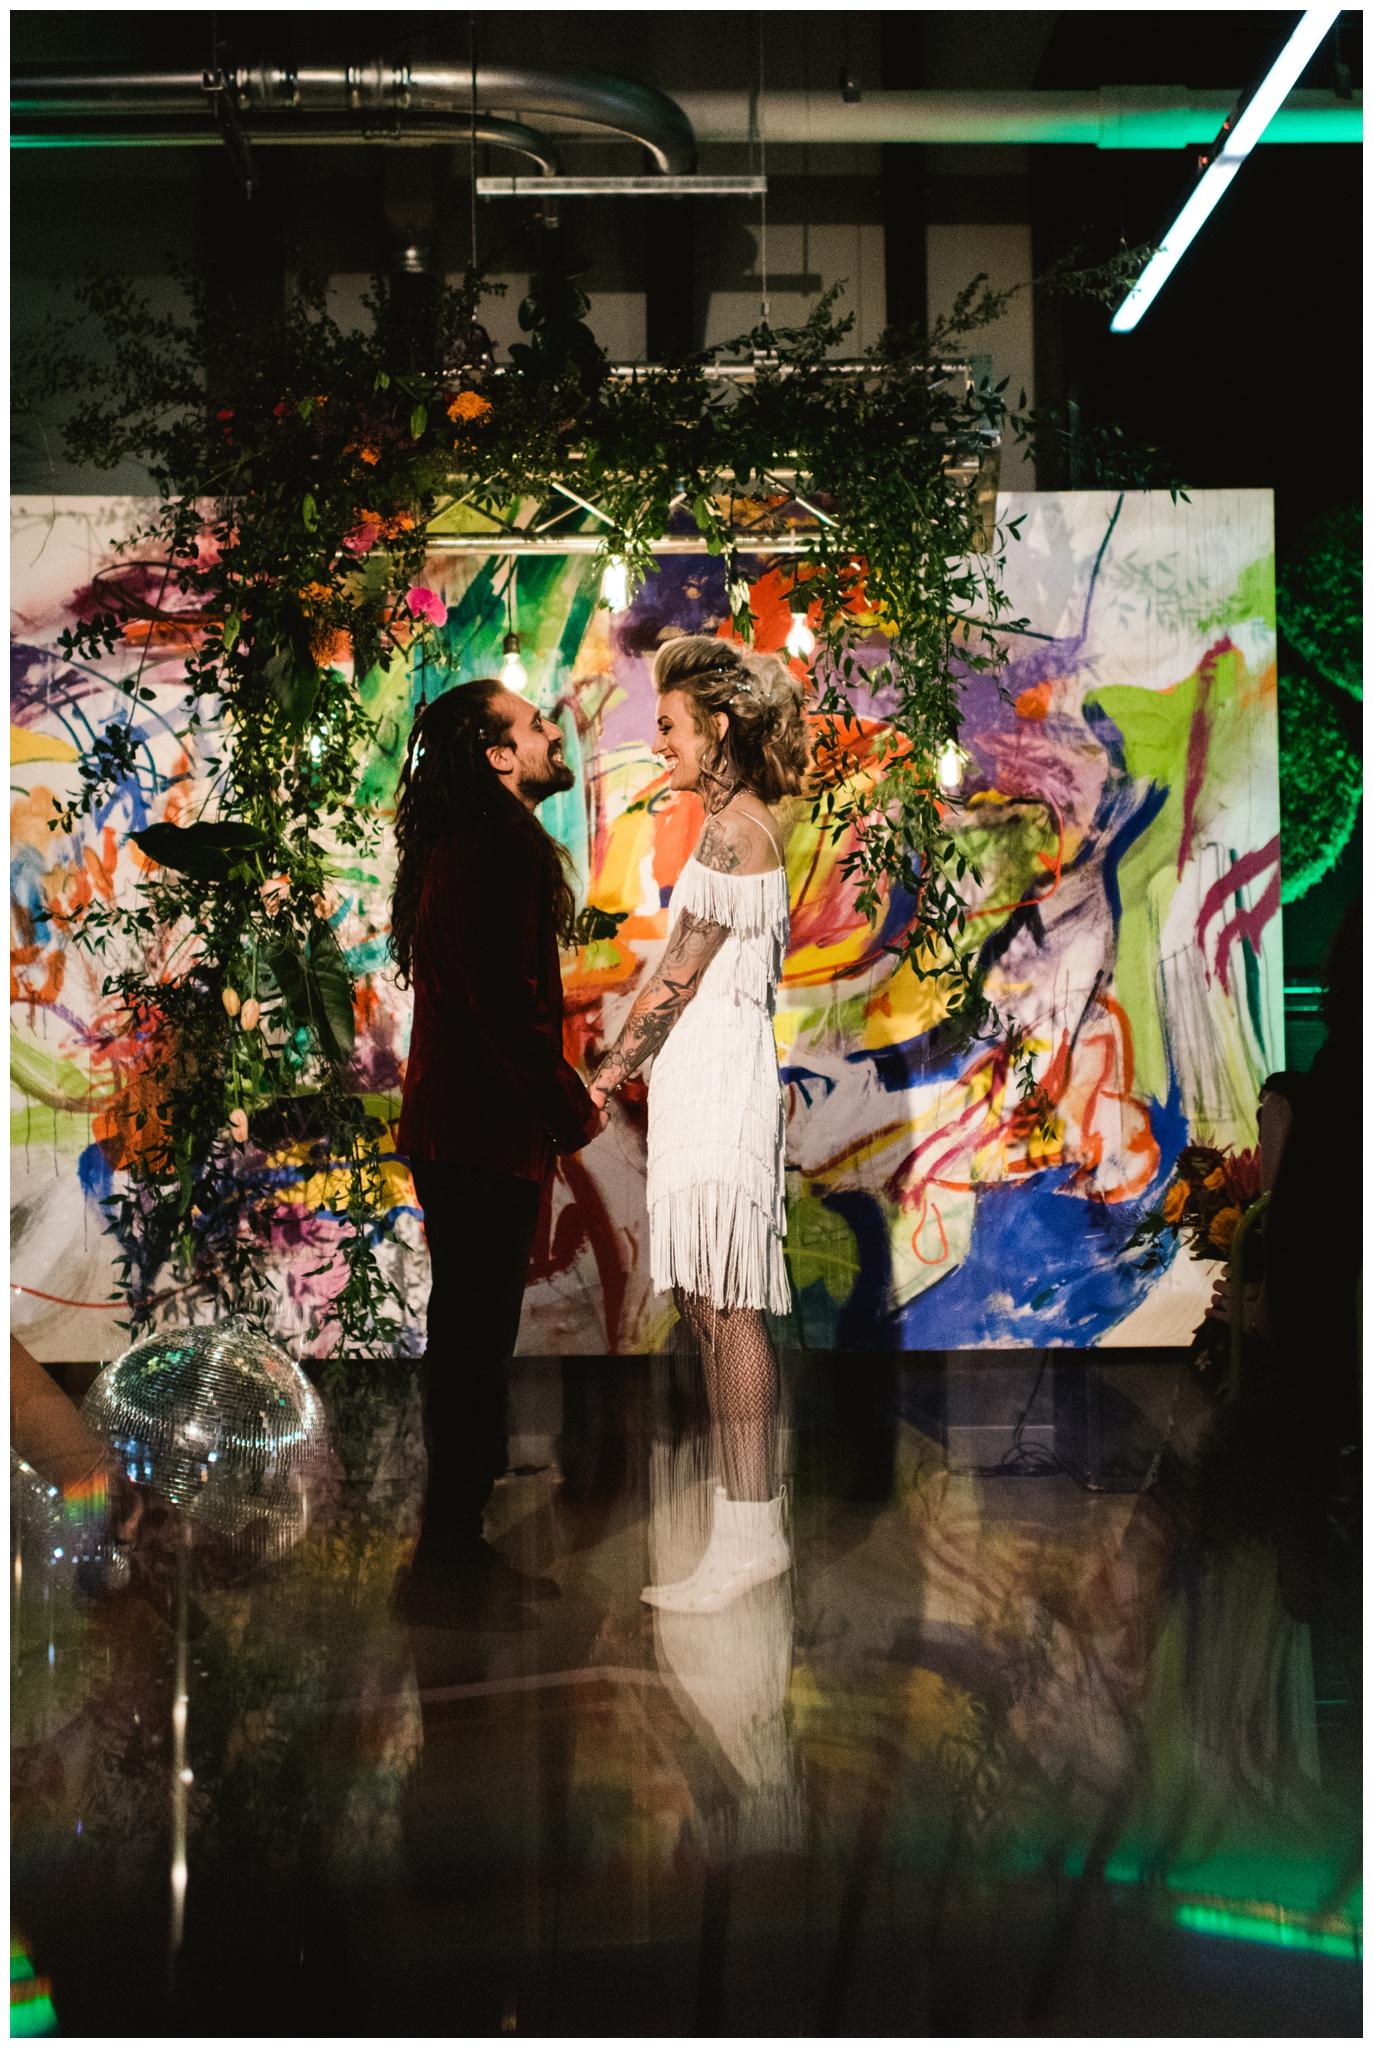 weddings at rock lititz